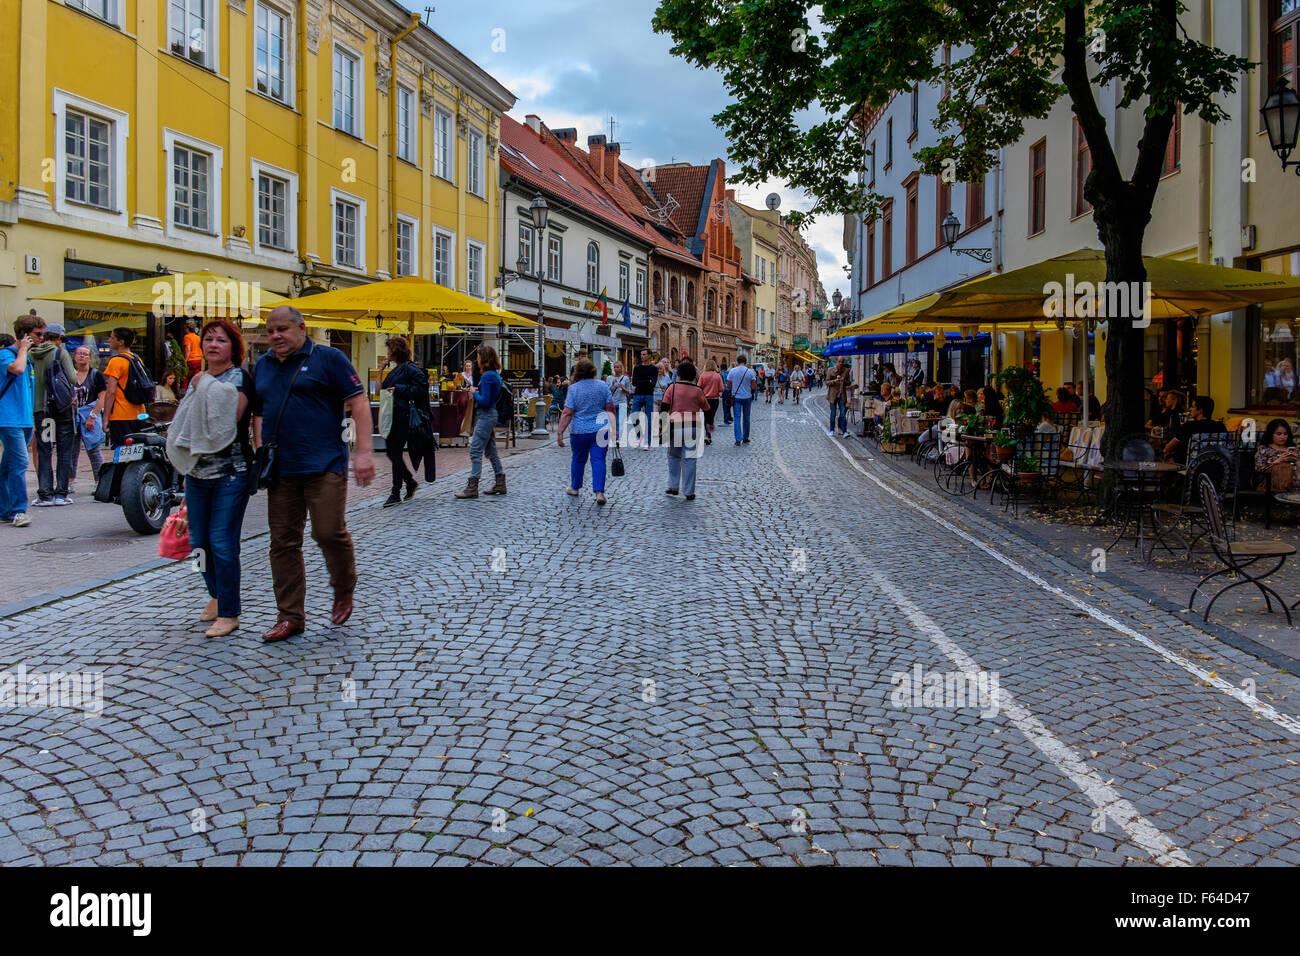 Straße mit Straßencafés in Vilnius, Litauen Stockbild